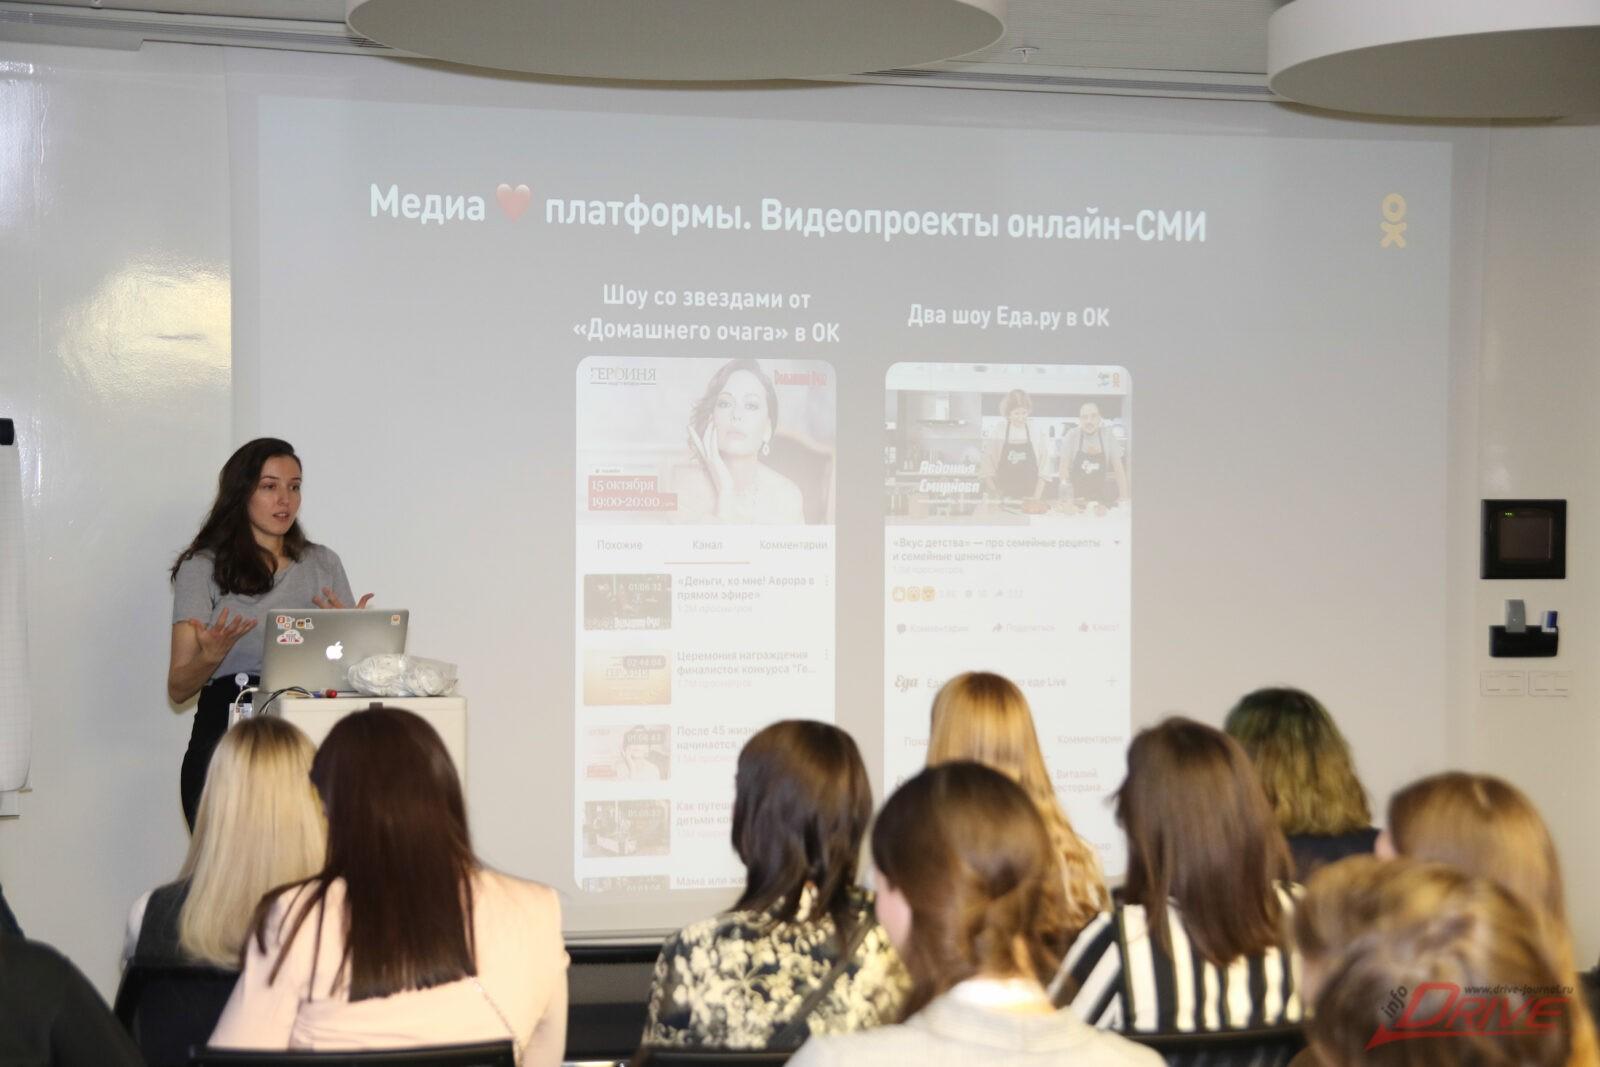 Юлия Лебедь о медиа-платформах